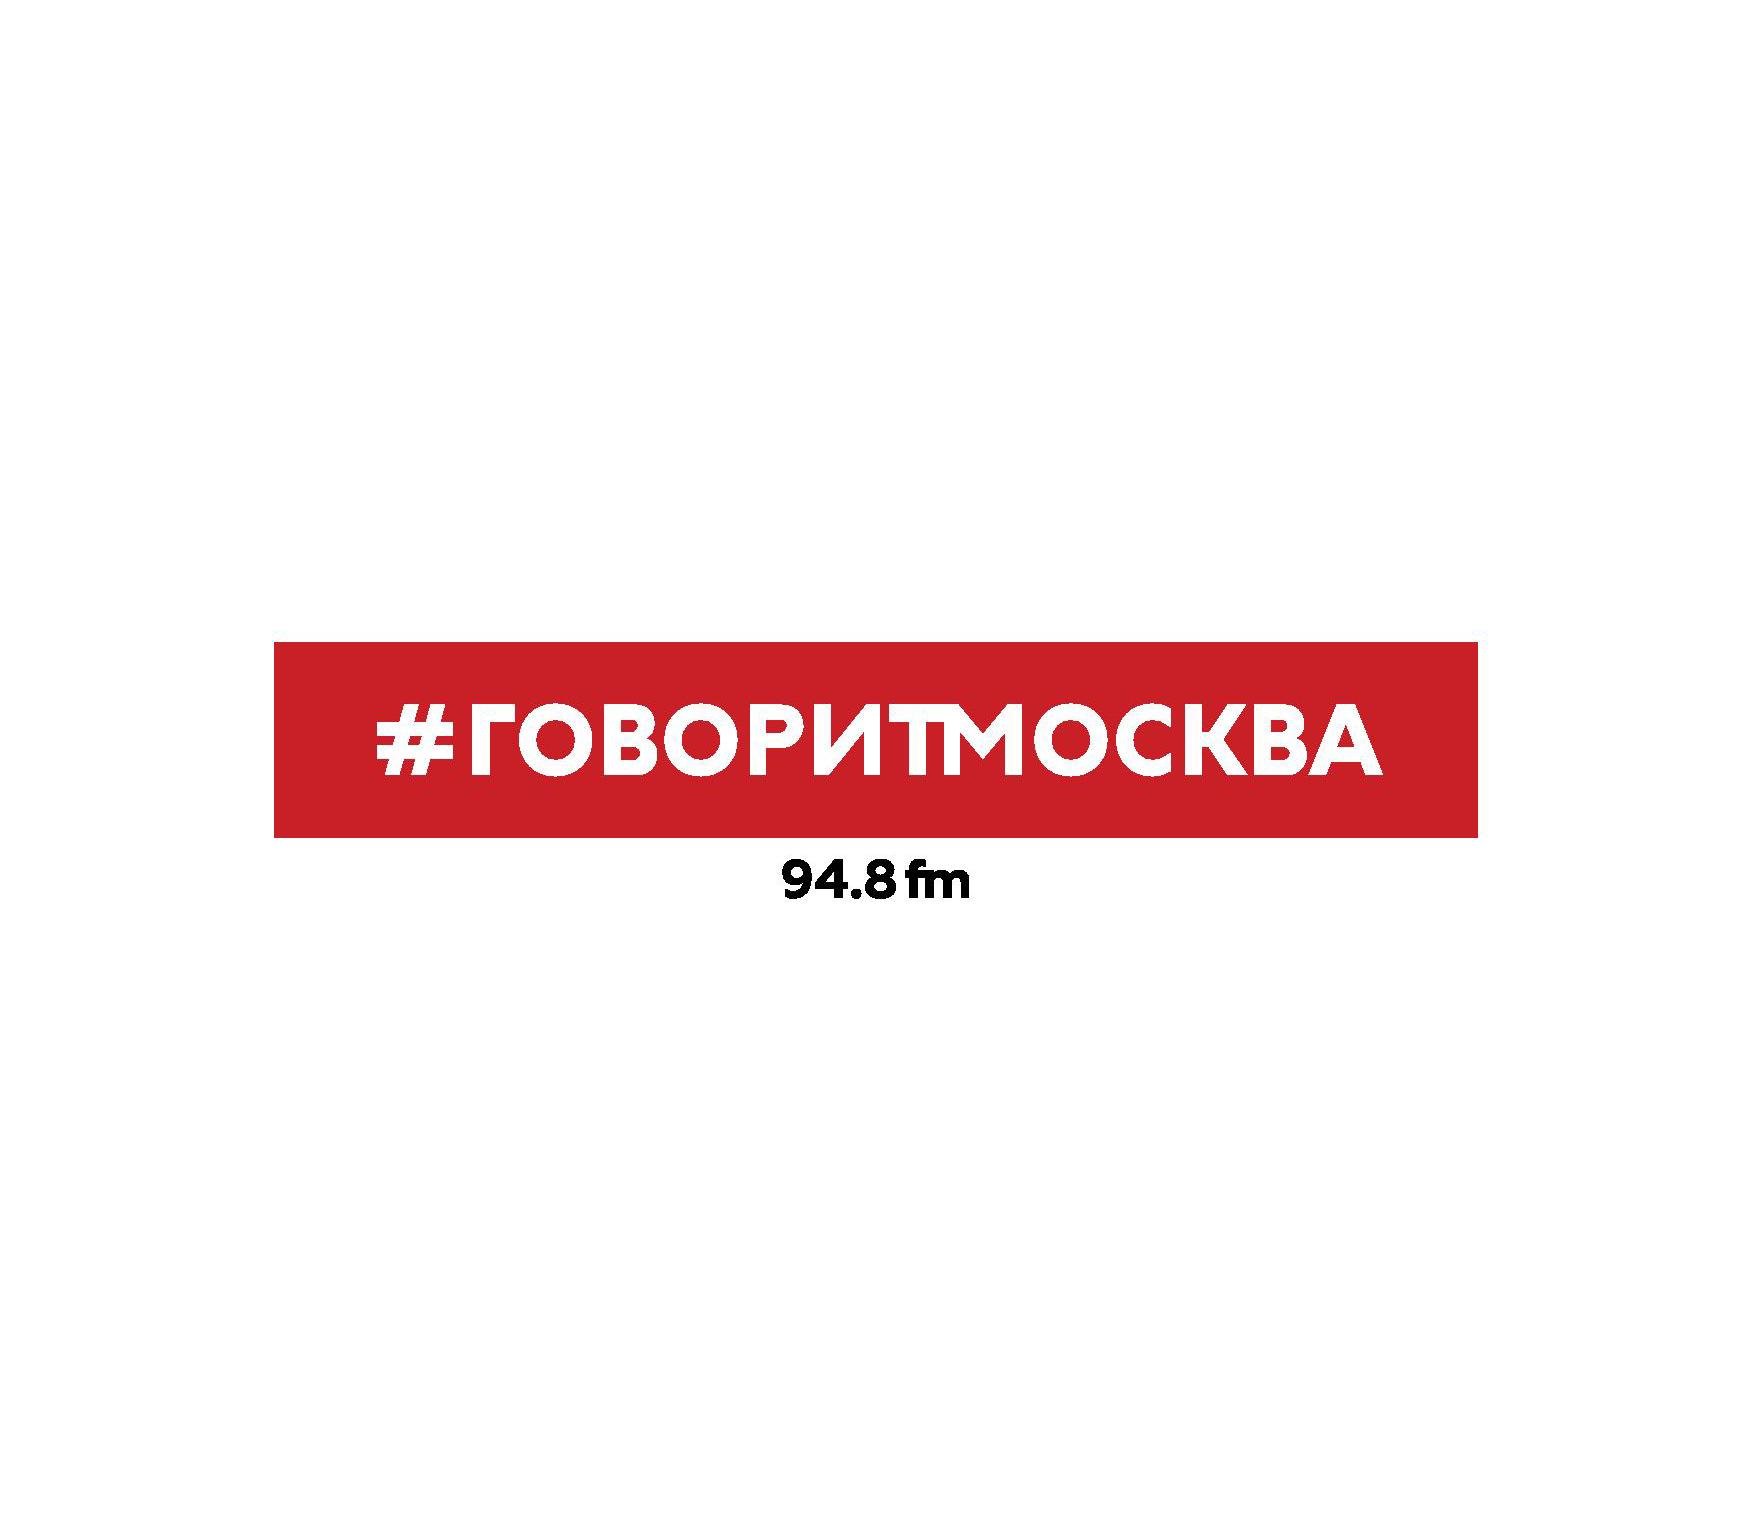 Макс Челноков 7 апреля. Юрий Жуков юрий жуков первое поражение сталина